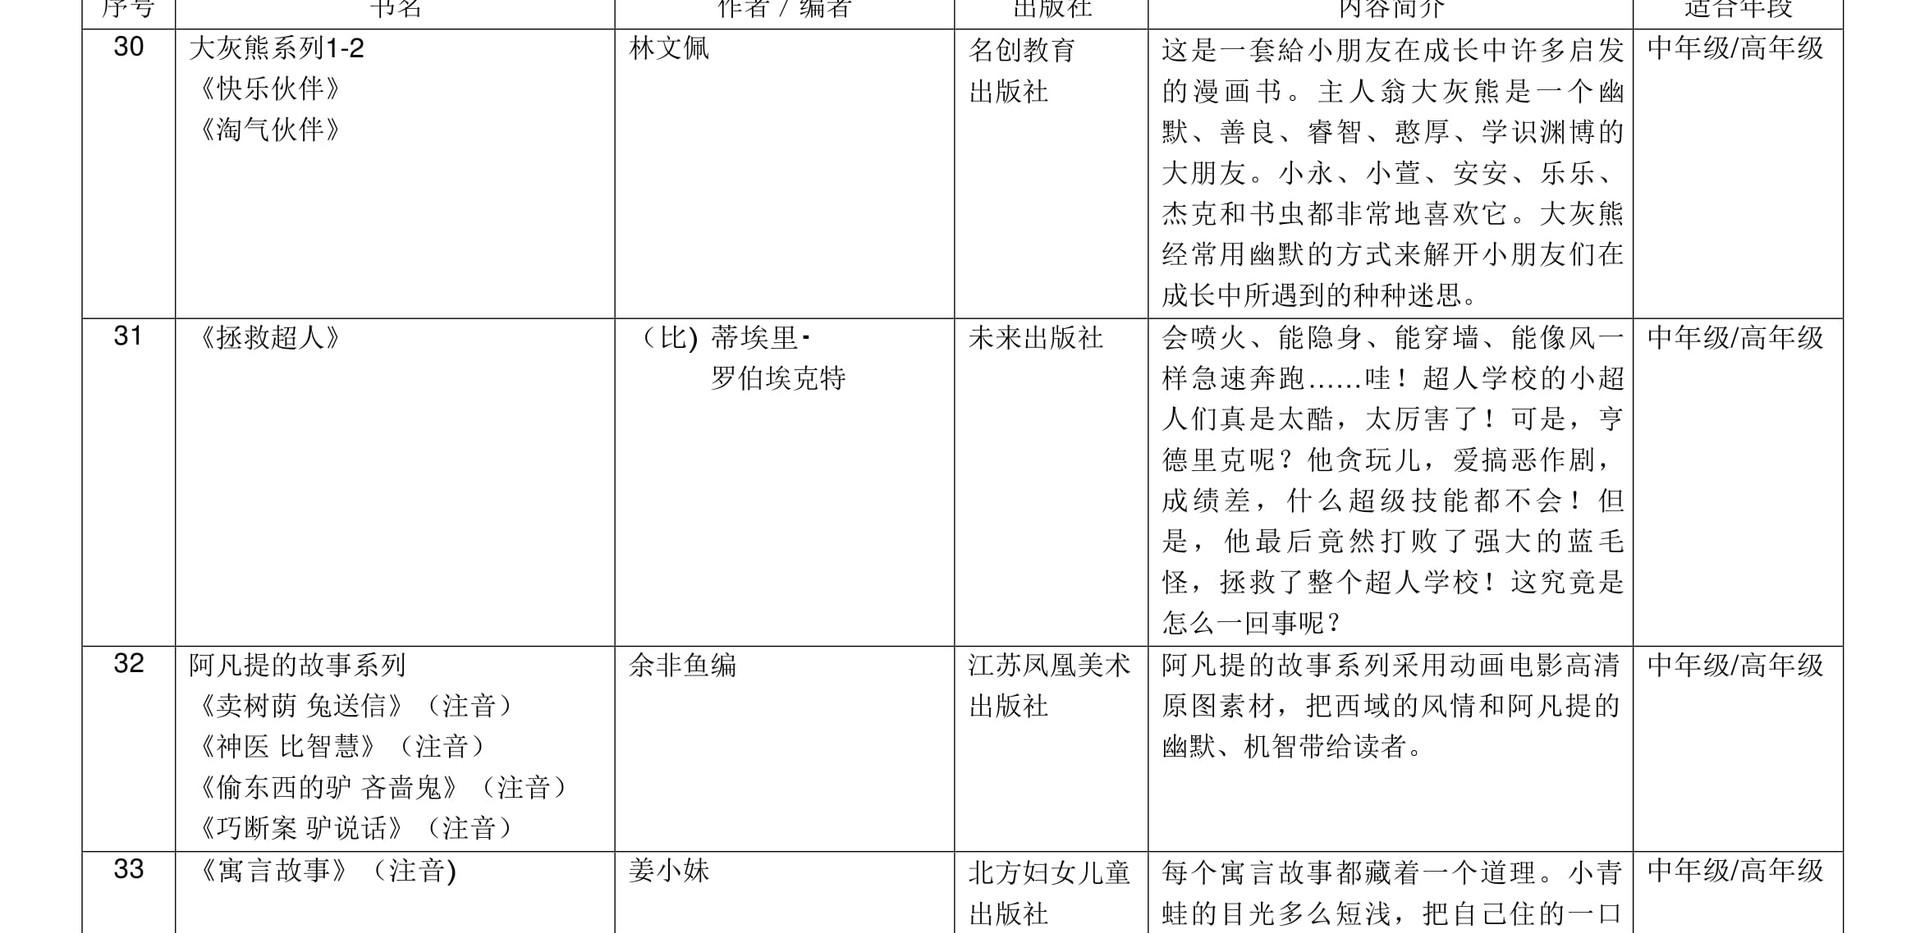 小学华文课外读物参考书目10.jpg